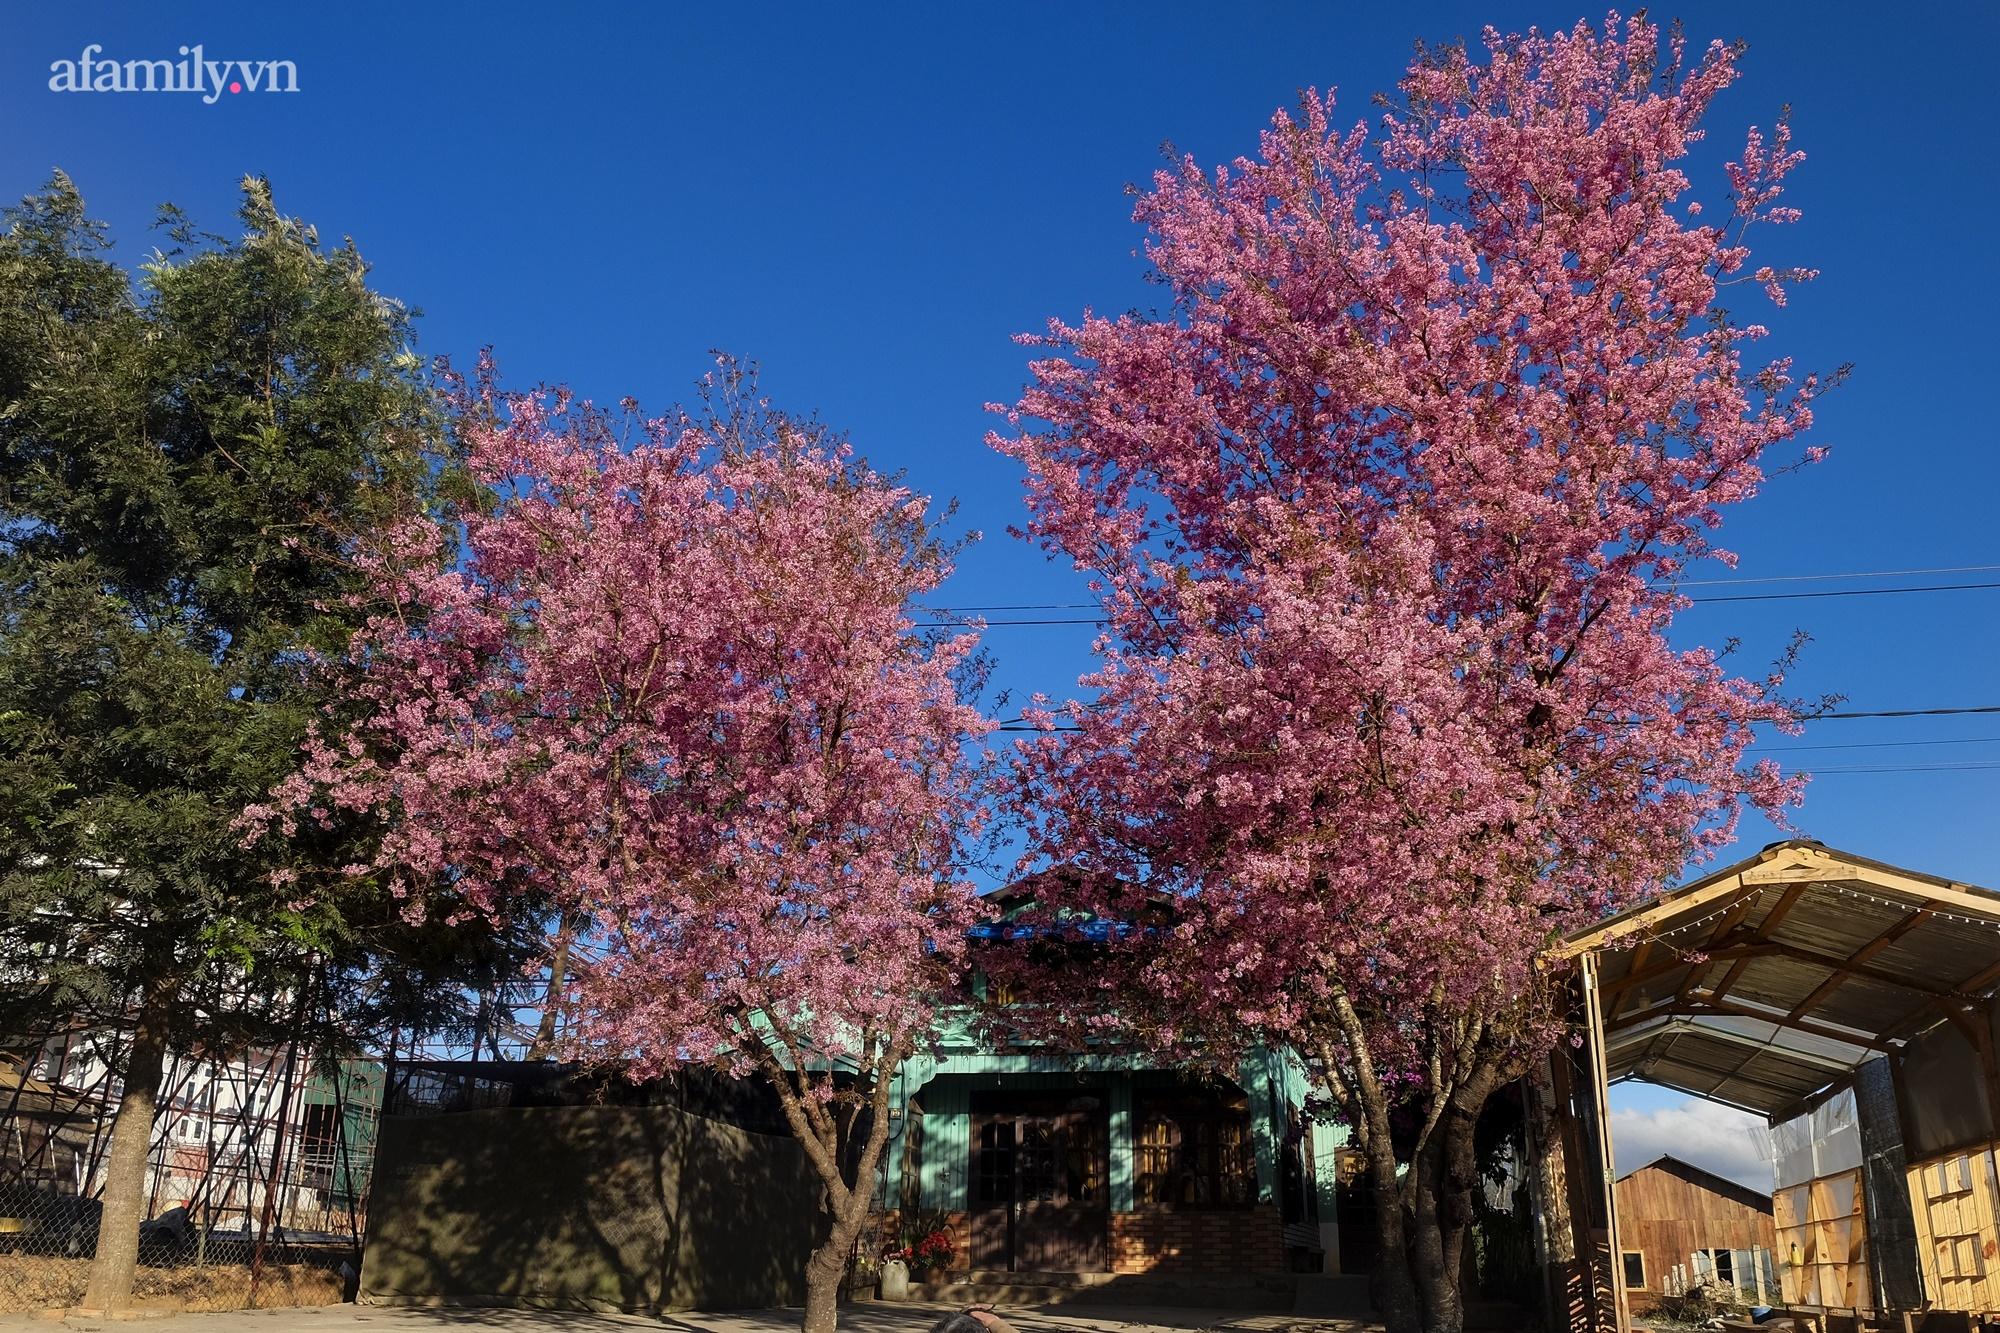 Ngắm hoa mai anh đào nở rợp trời ở ngôi làng đẹp lạ như Tây Tạng, nằm ngay gần trung tâm TP. Đà Lạt mà không phải ai cũng biết - Ảnh 8.